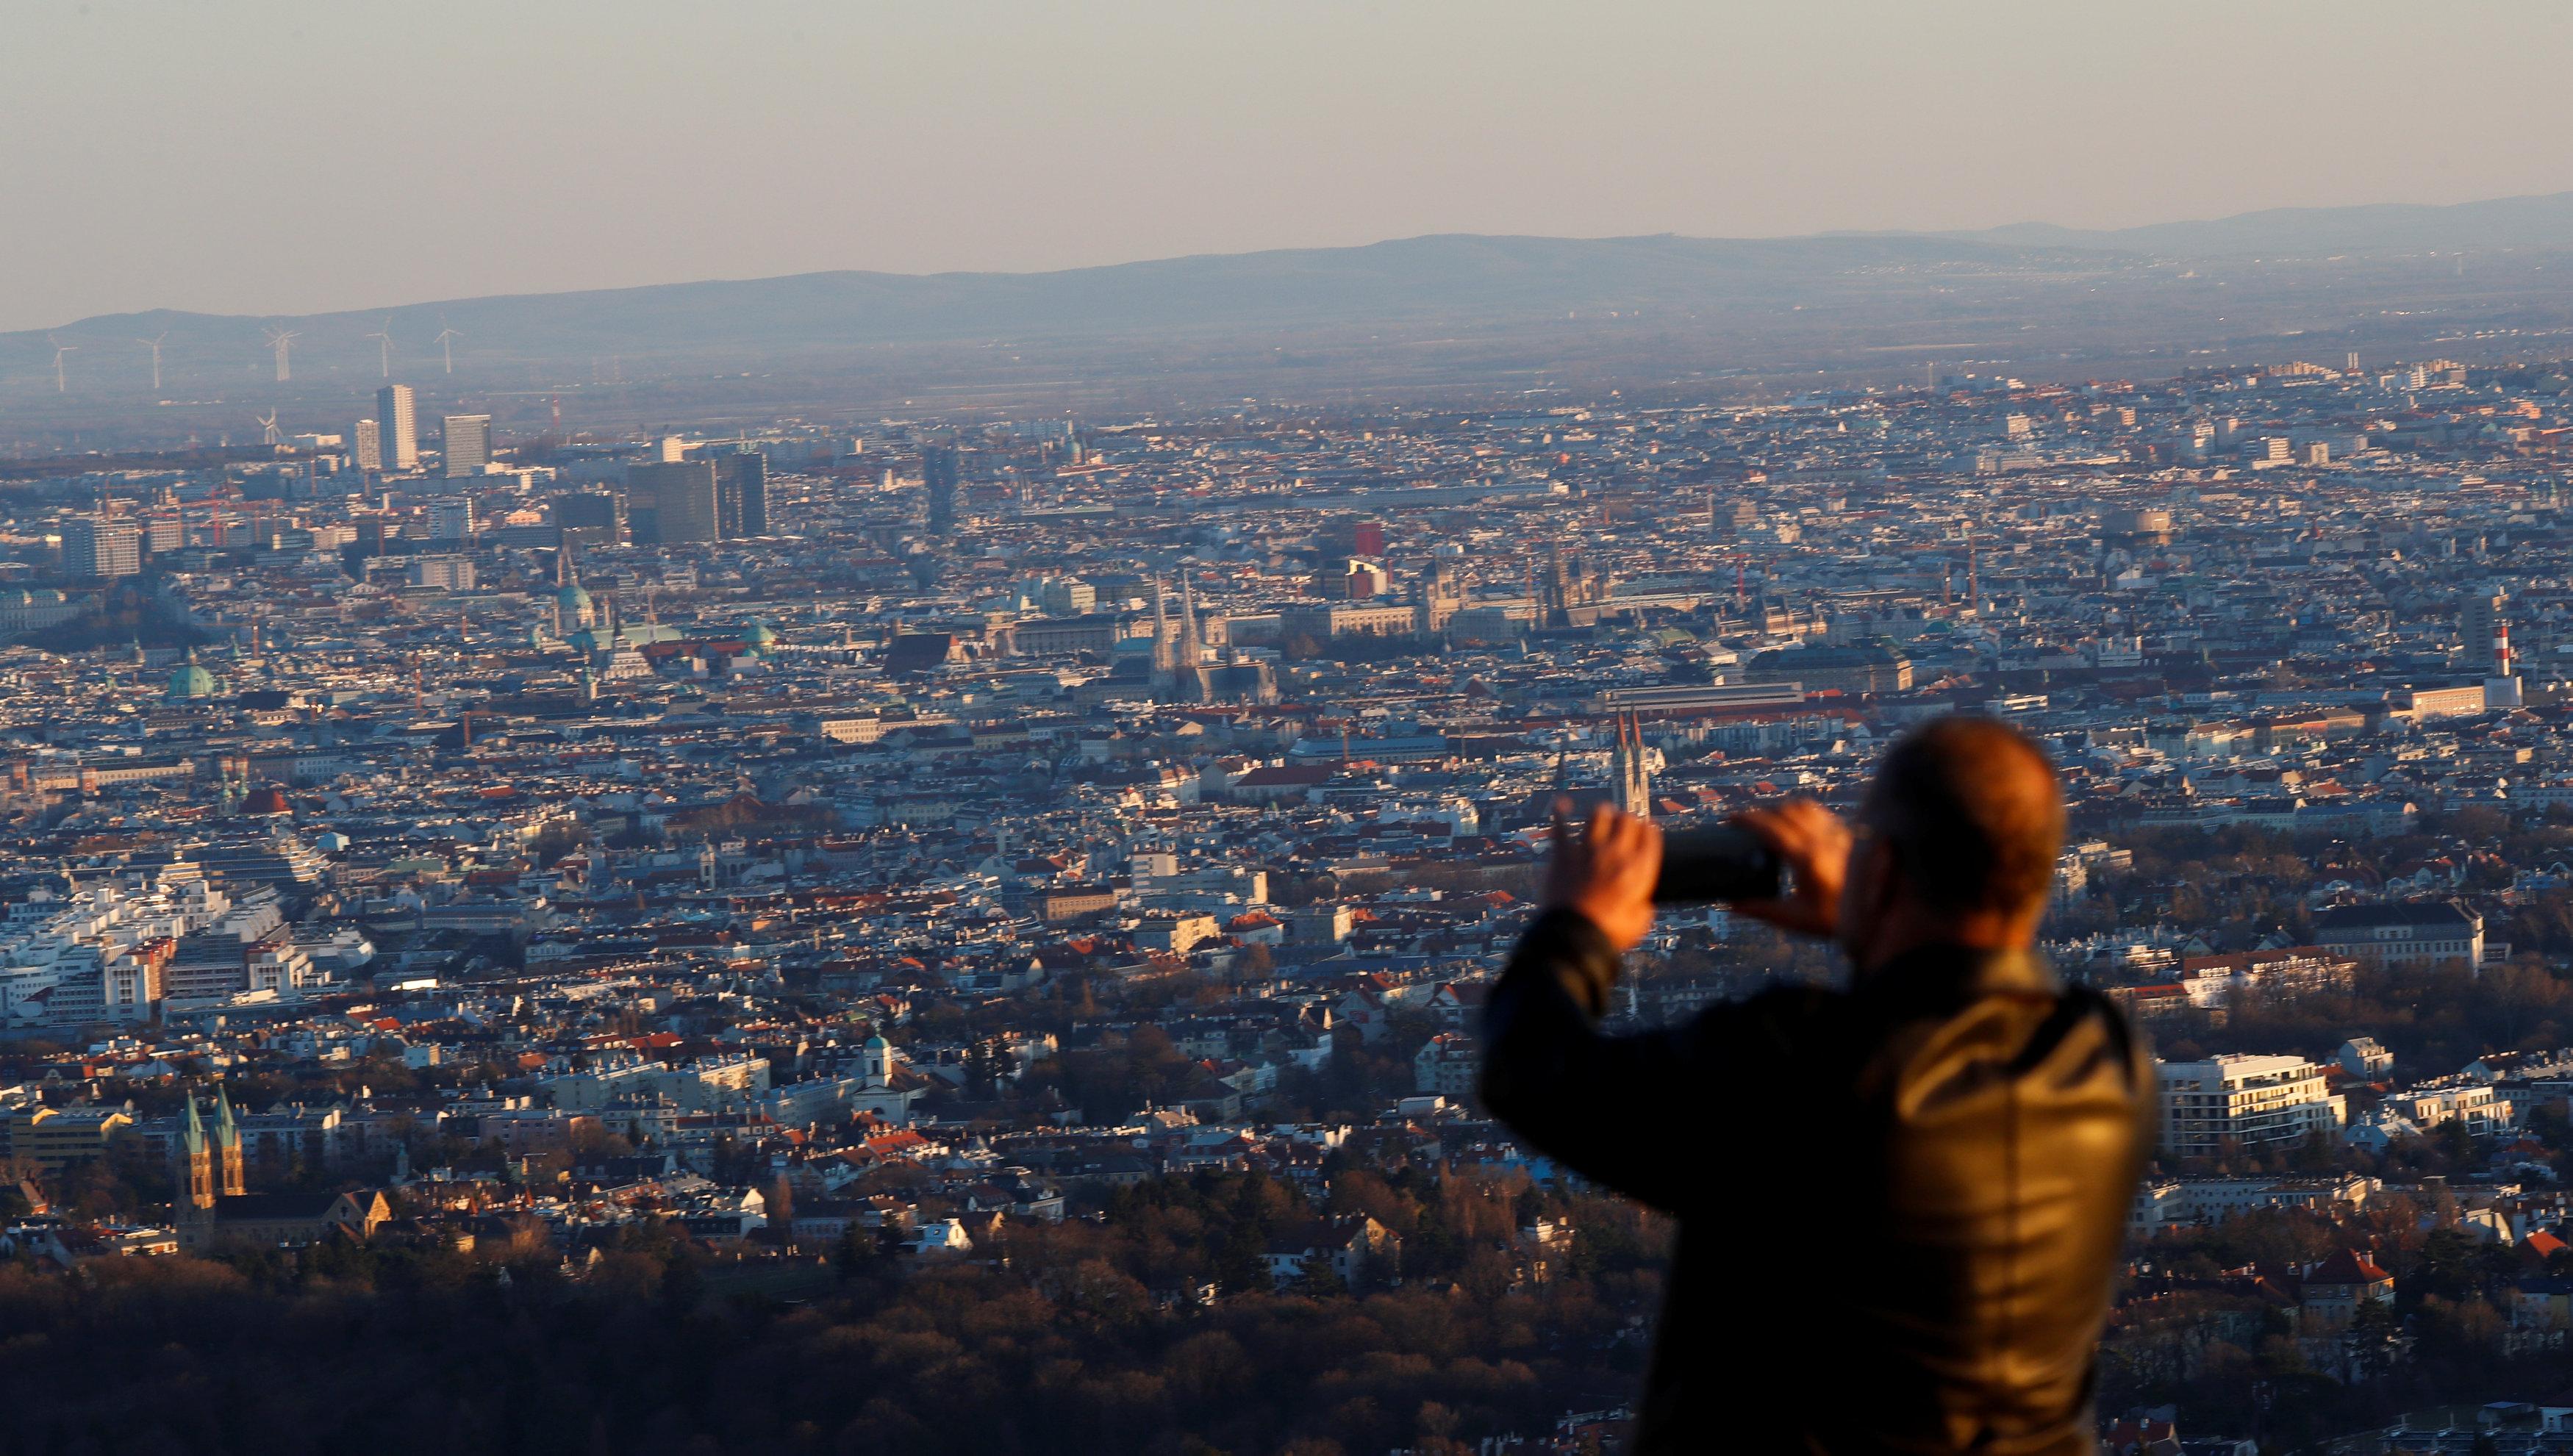 أحد السائحين يلتقط صورة للعاصمة النمساوية